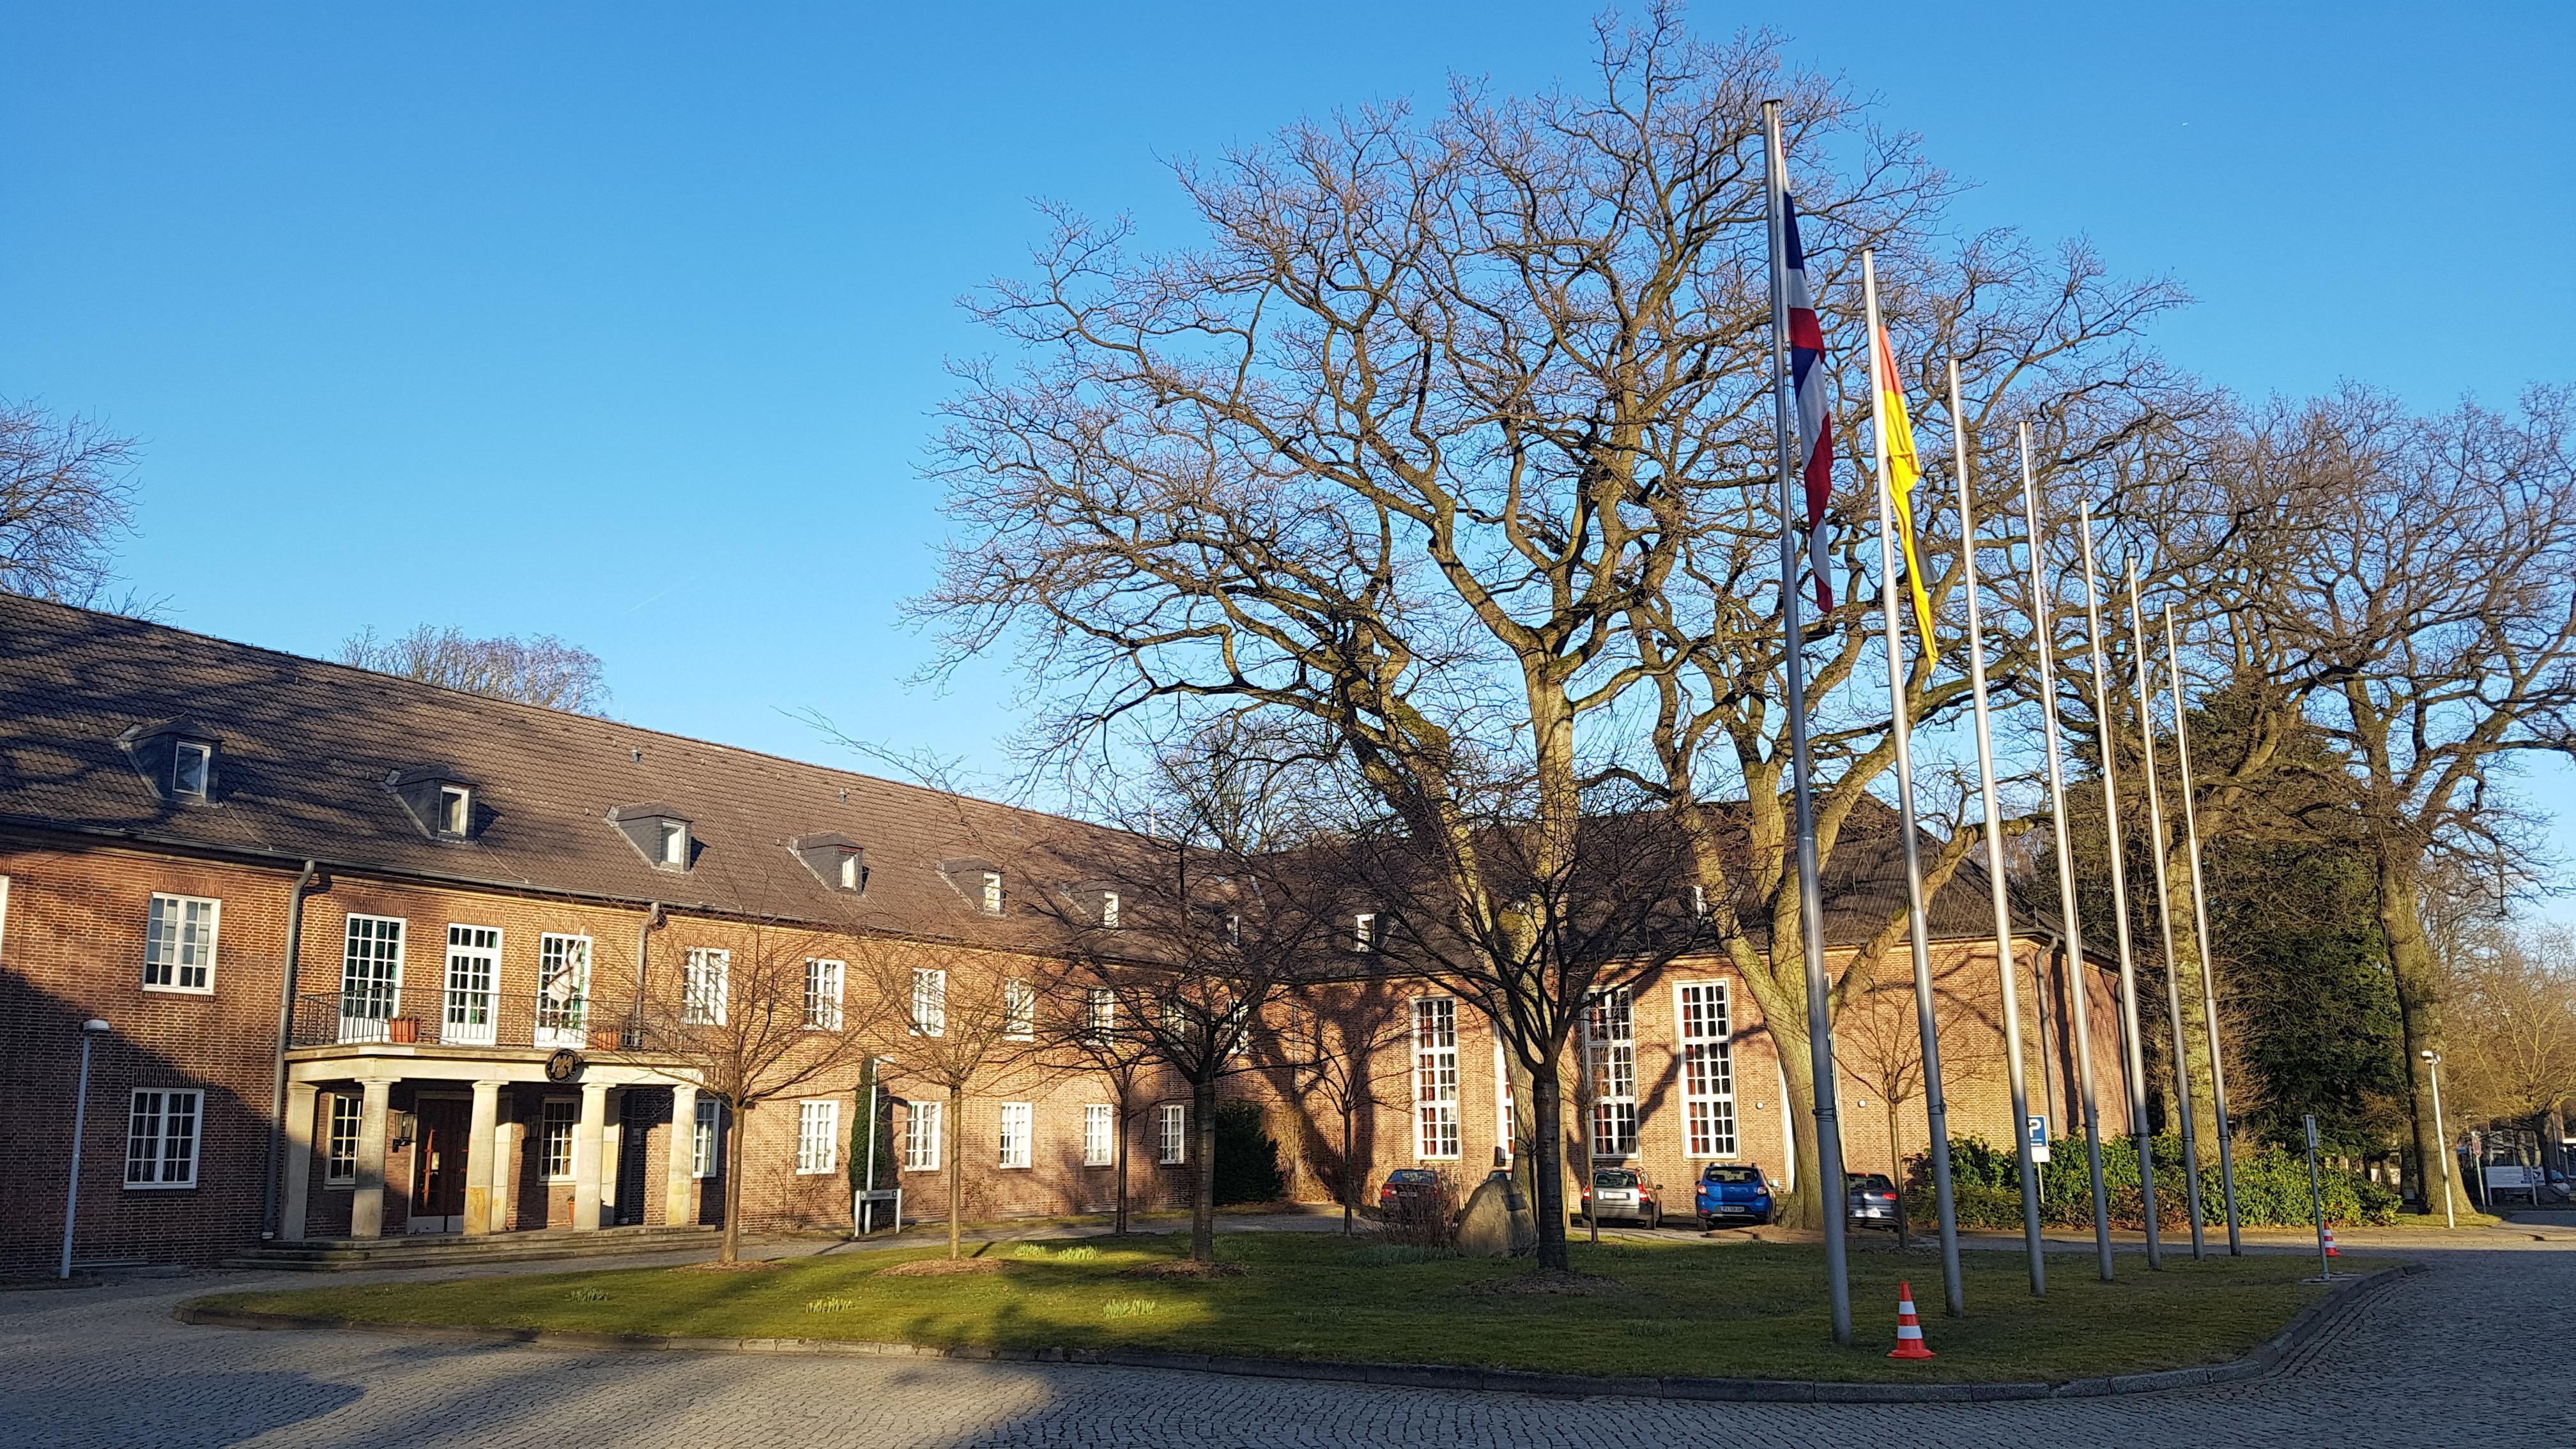 Hamburg: 60 Jahre Führungsakademie der Bundeswehr, hier Clausewitz-Kaserne, Hauptgebäude, u.a. Sitz des Kommandeurs der FüAkBw, 2018. Foto: May-Barg.